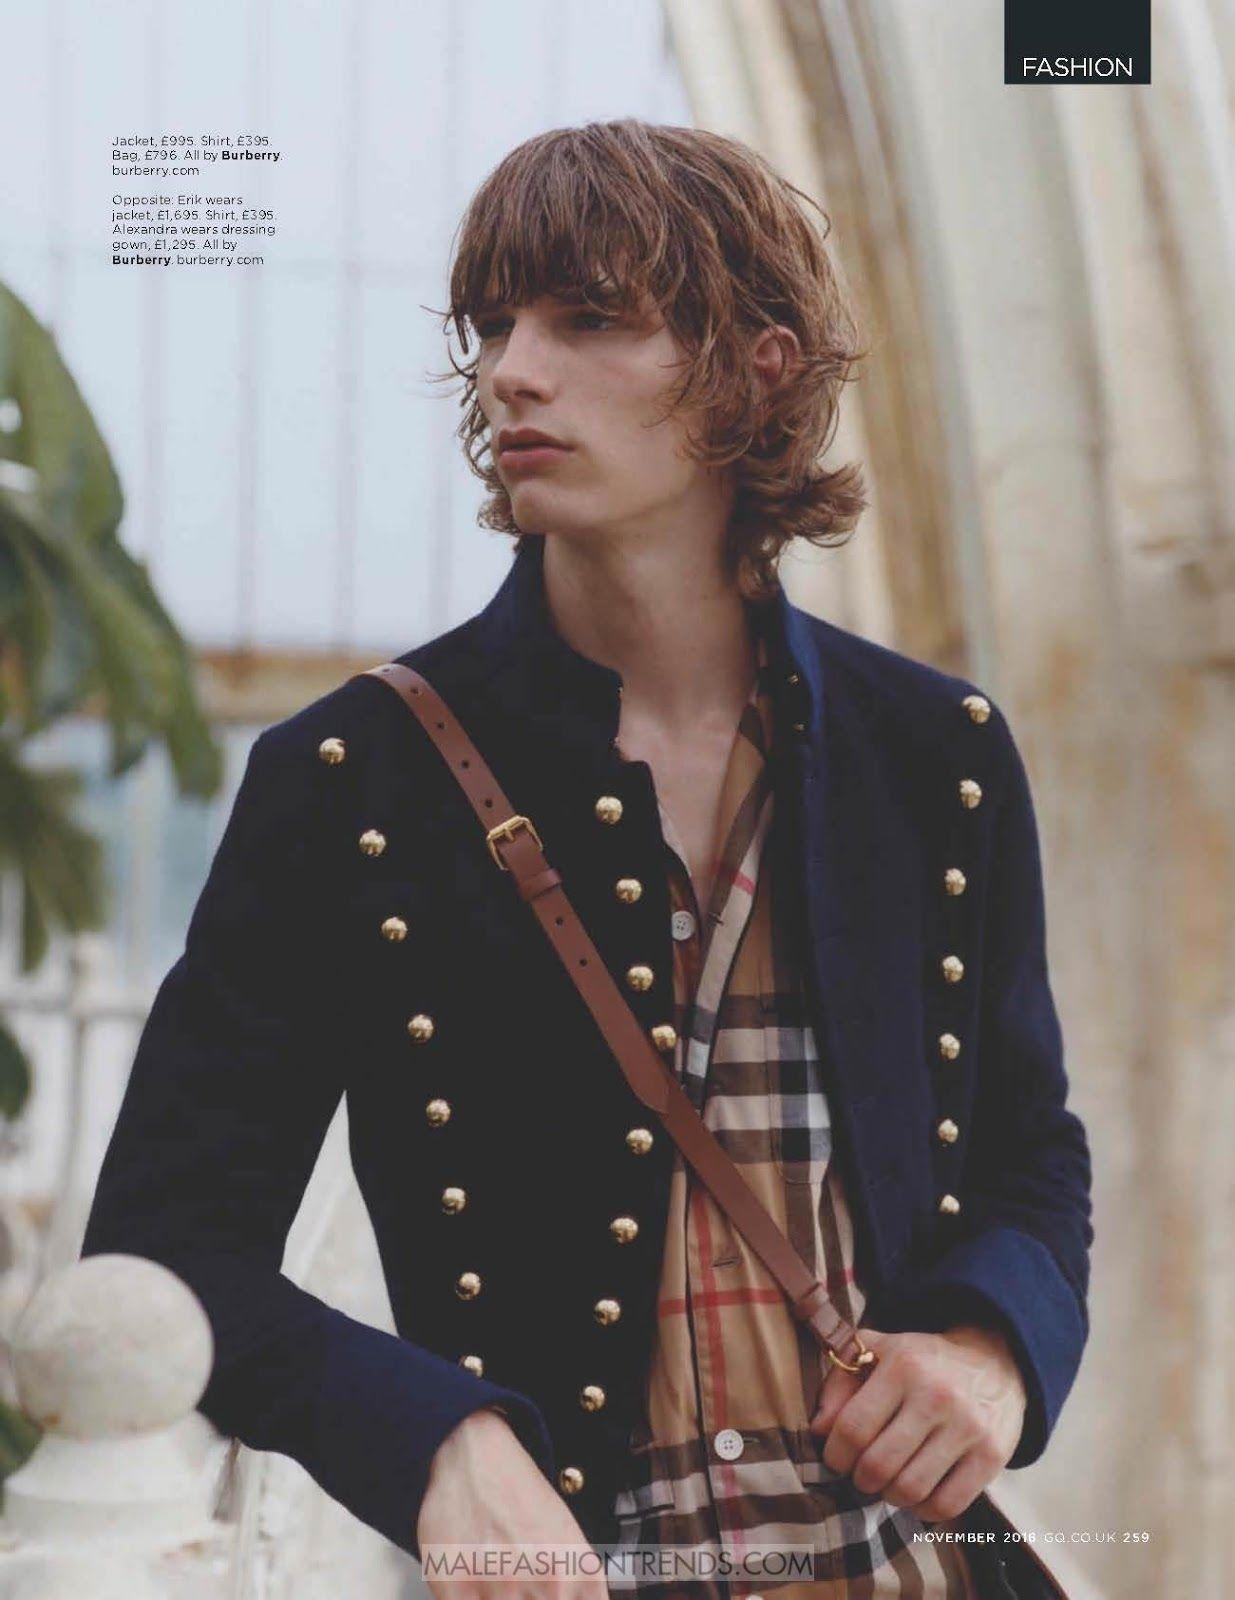 Male Fashion Trends: Alex Dragulele y Erik por Michael Henry